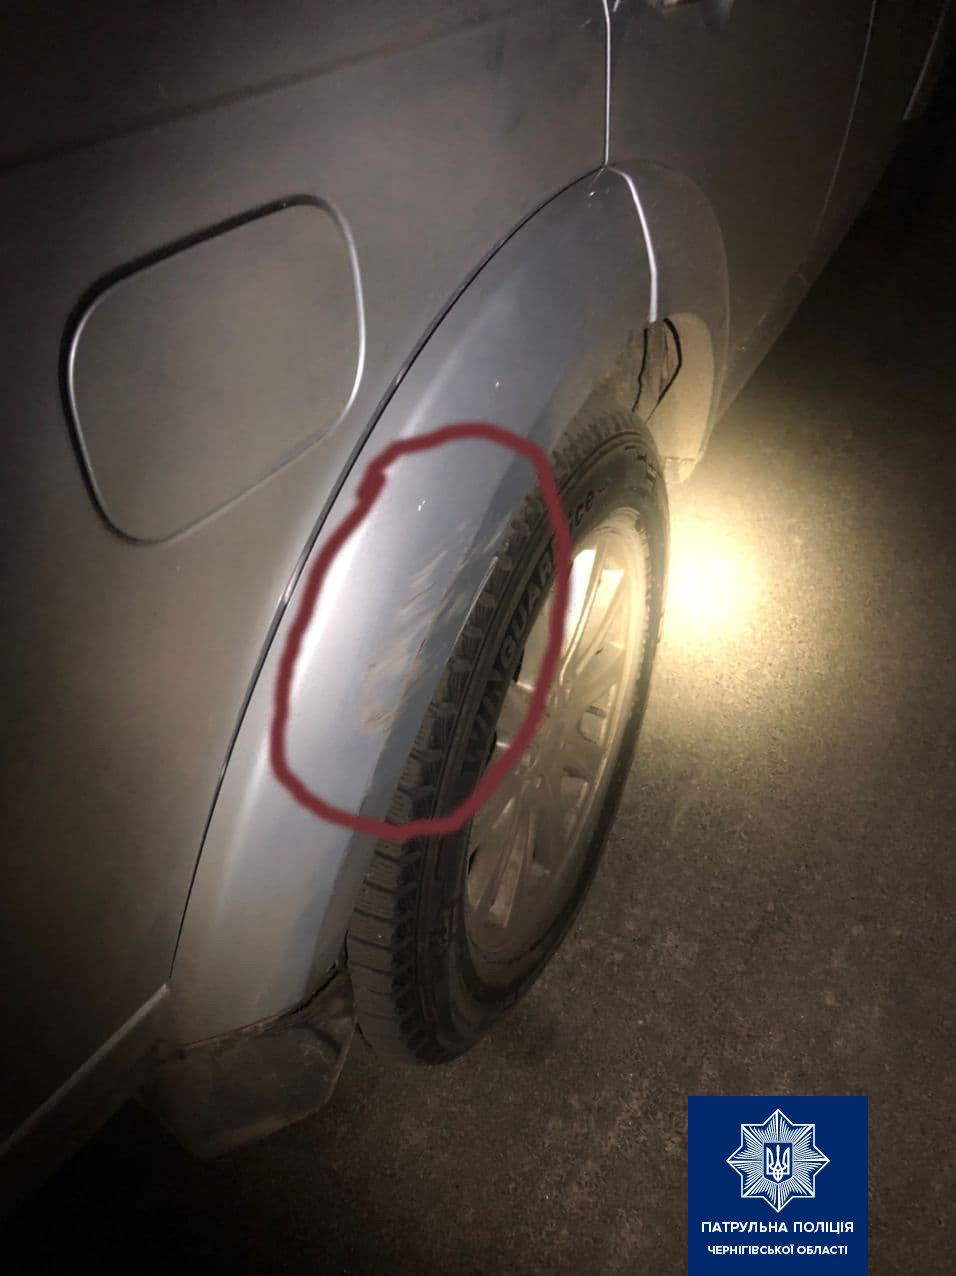 Водій без права керування влаштував ДТП у Чернігові: поліція розшукала порушника, фото-2